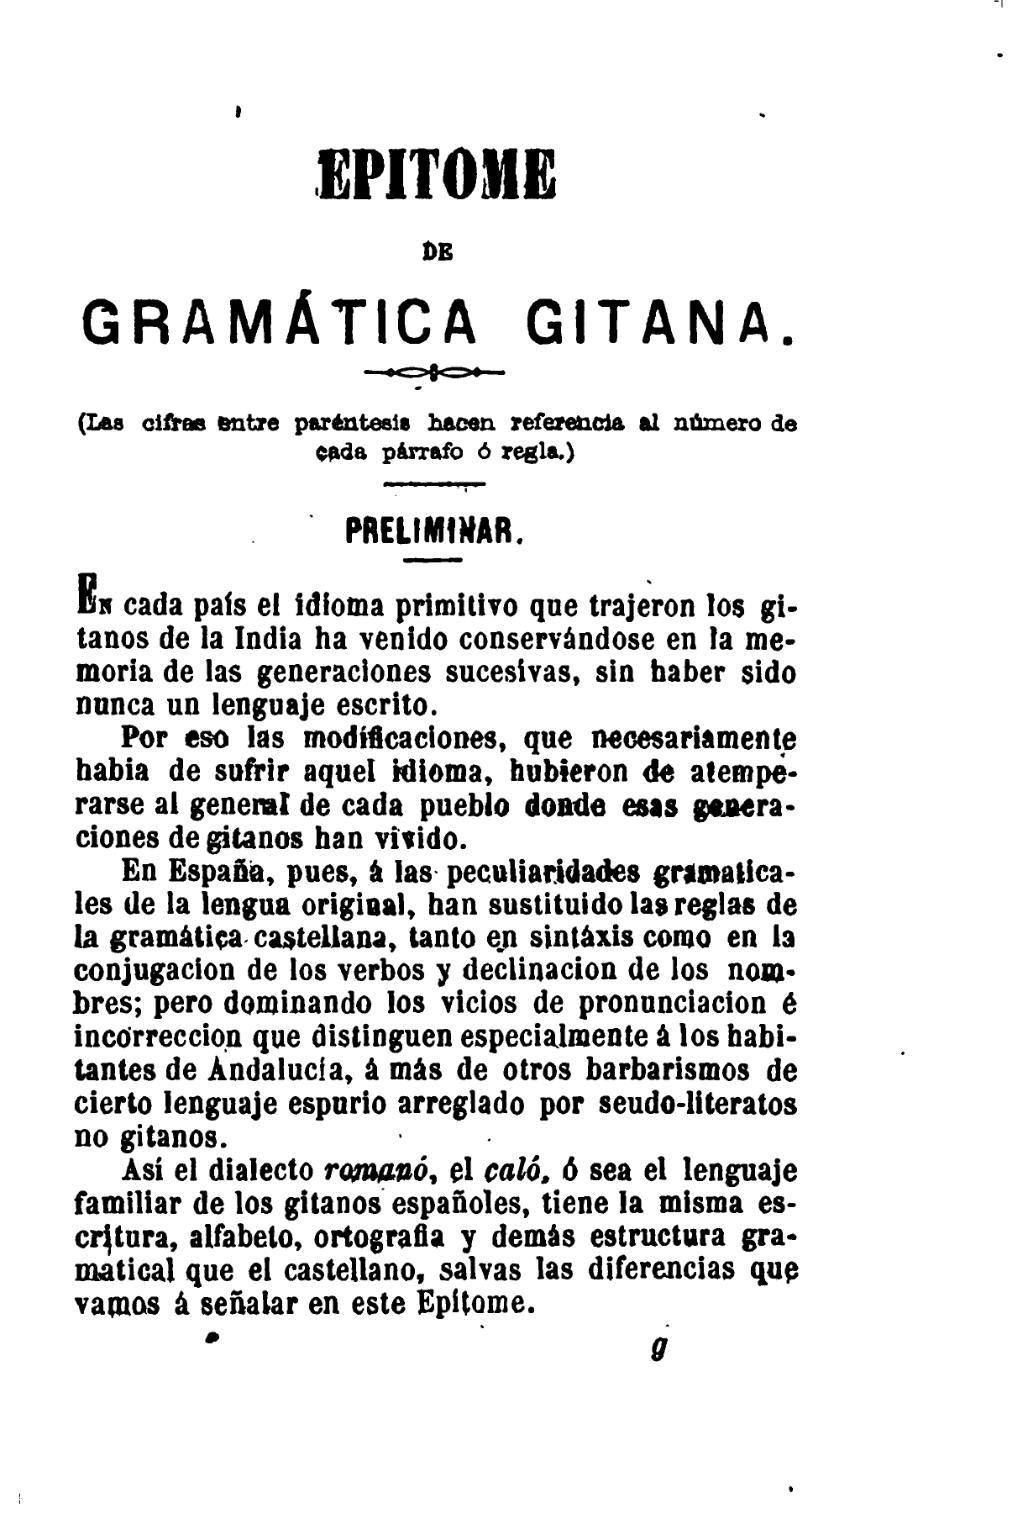 diccionario castellano calo: